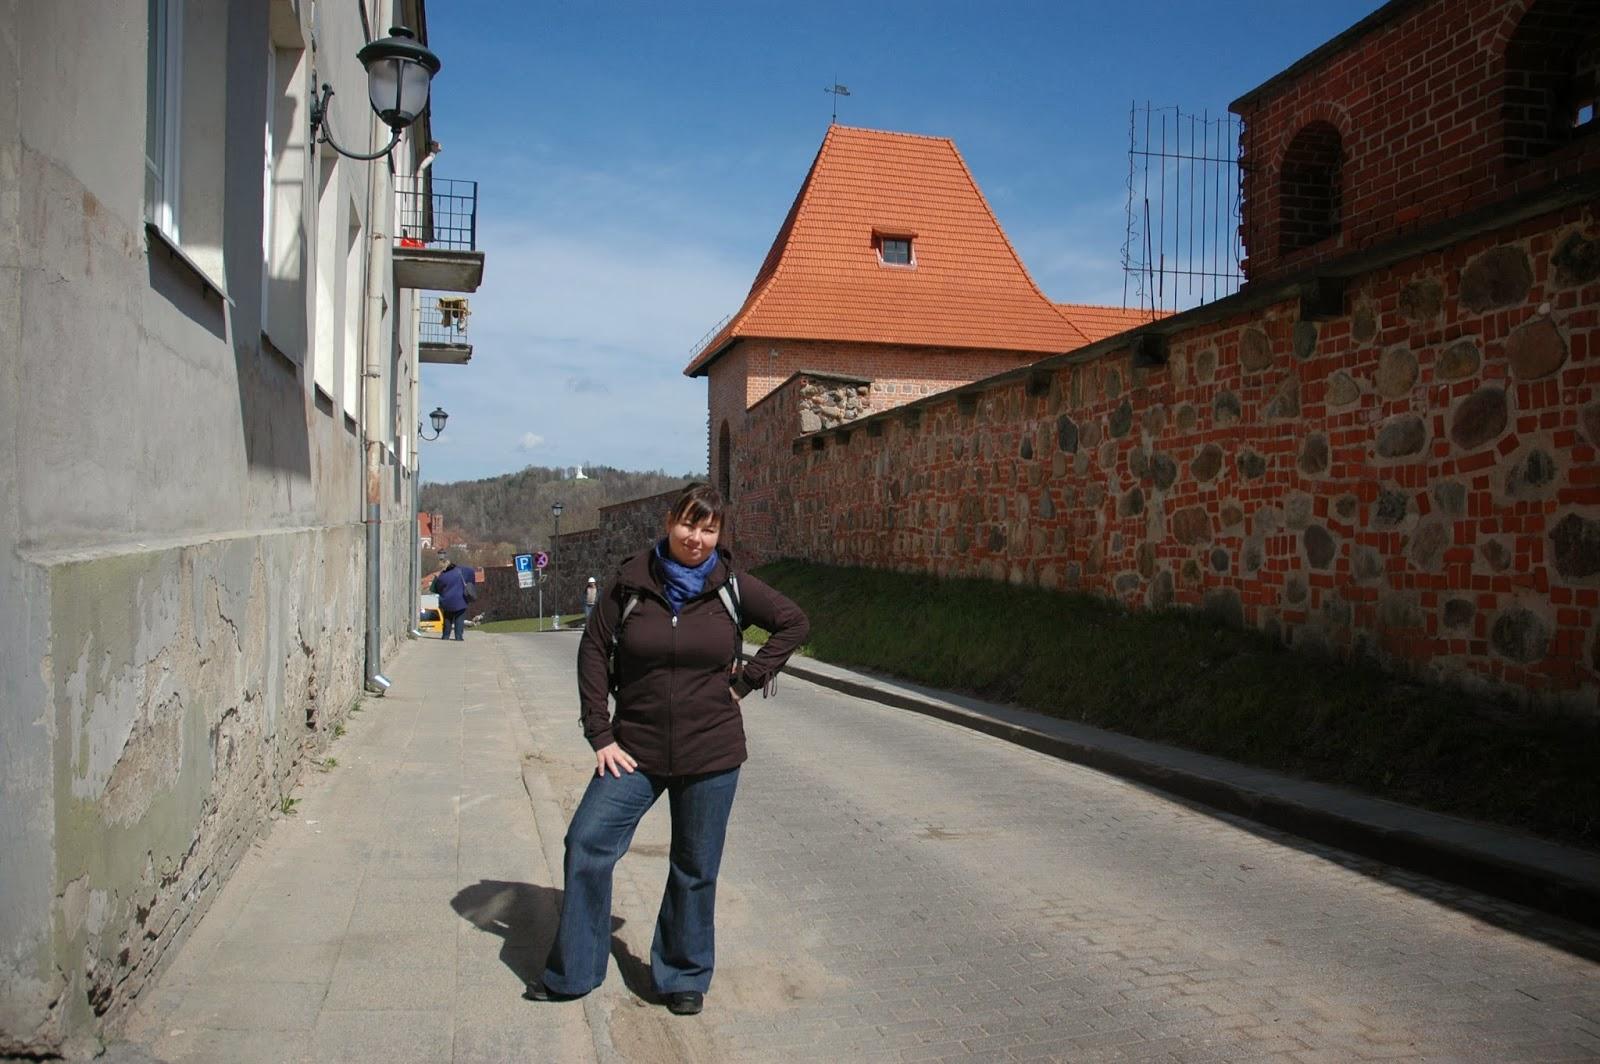 Wzgórze Barbakan w Wilnie